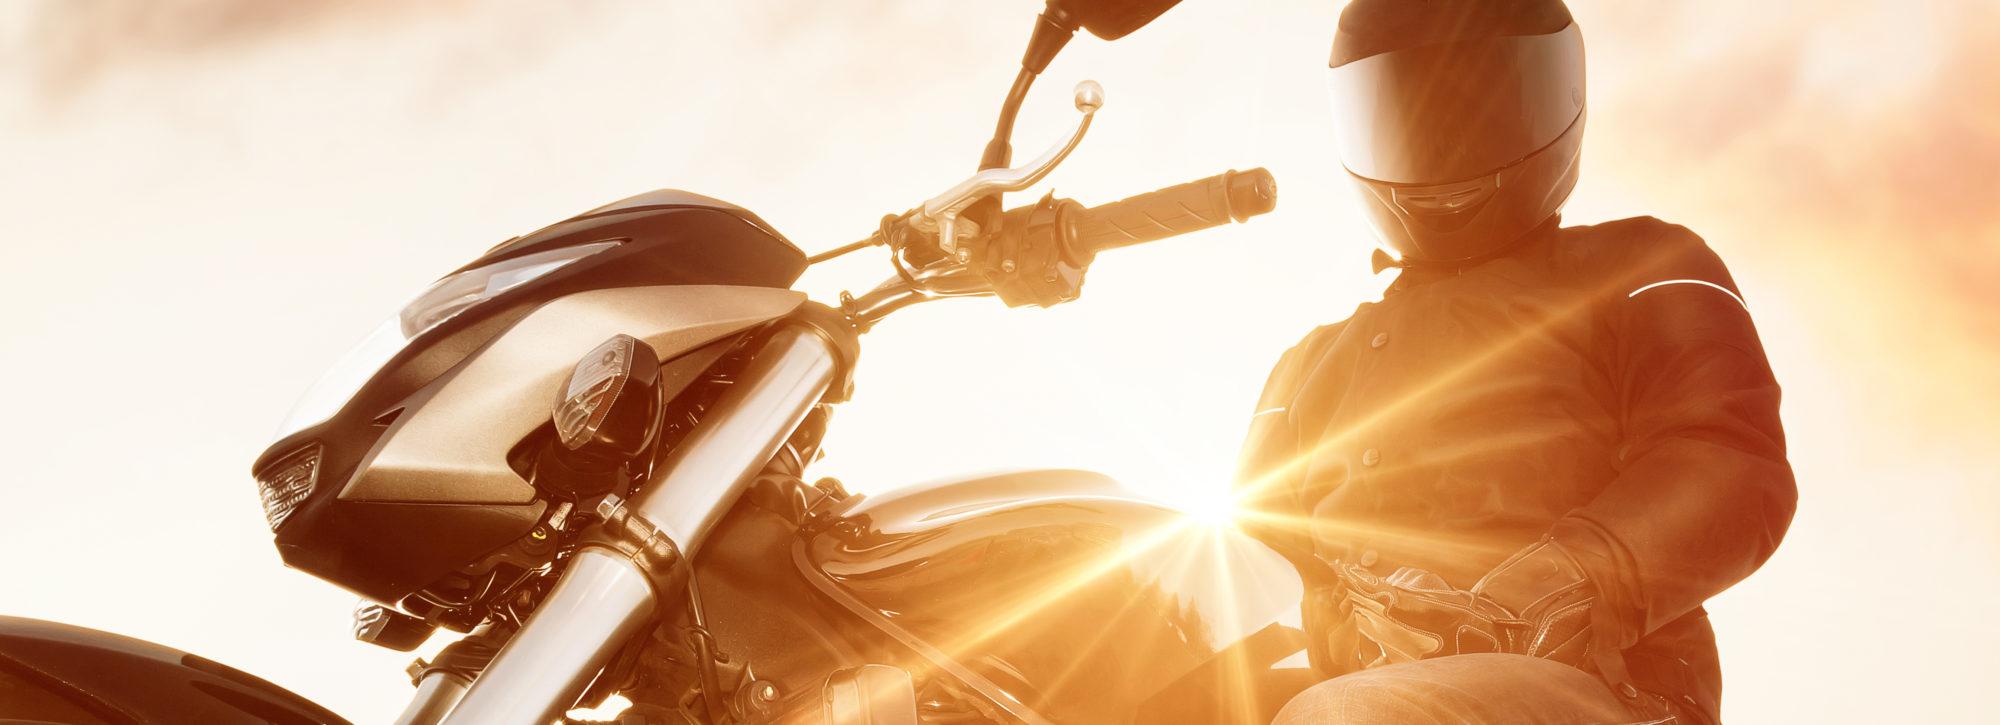 aplicativo de motoboy